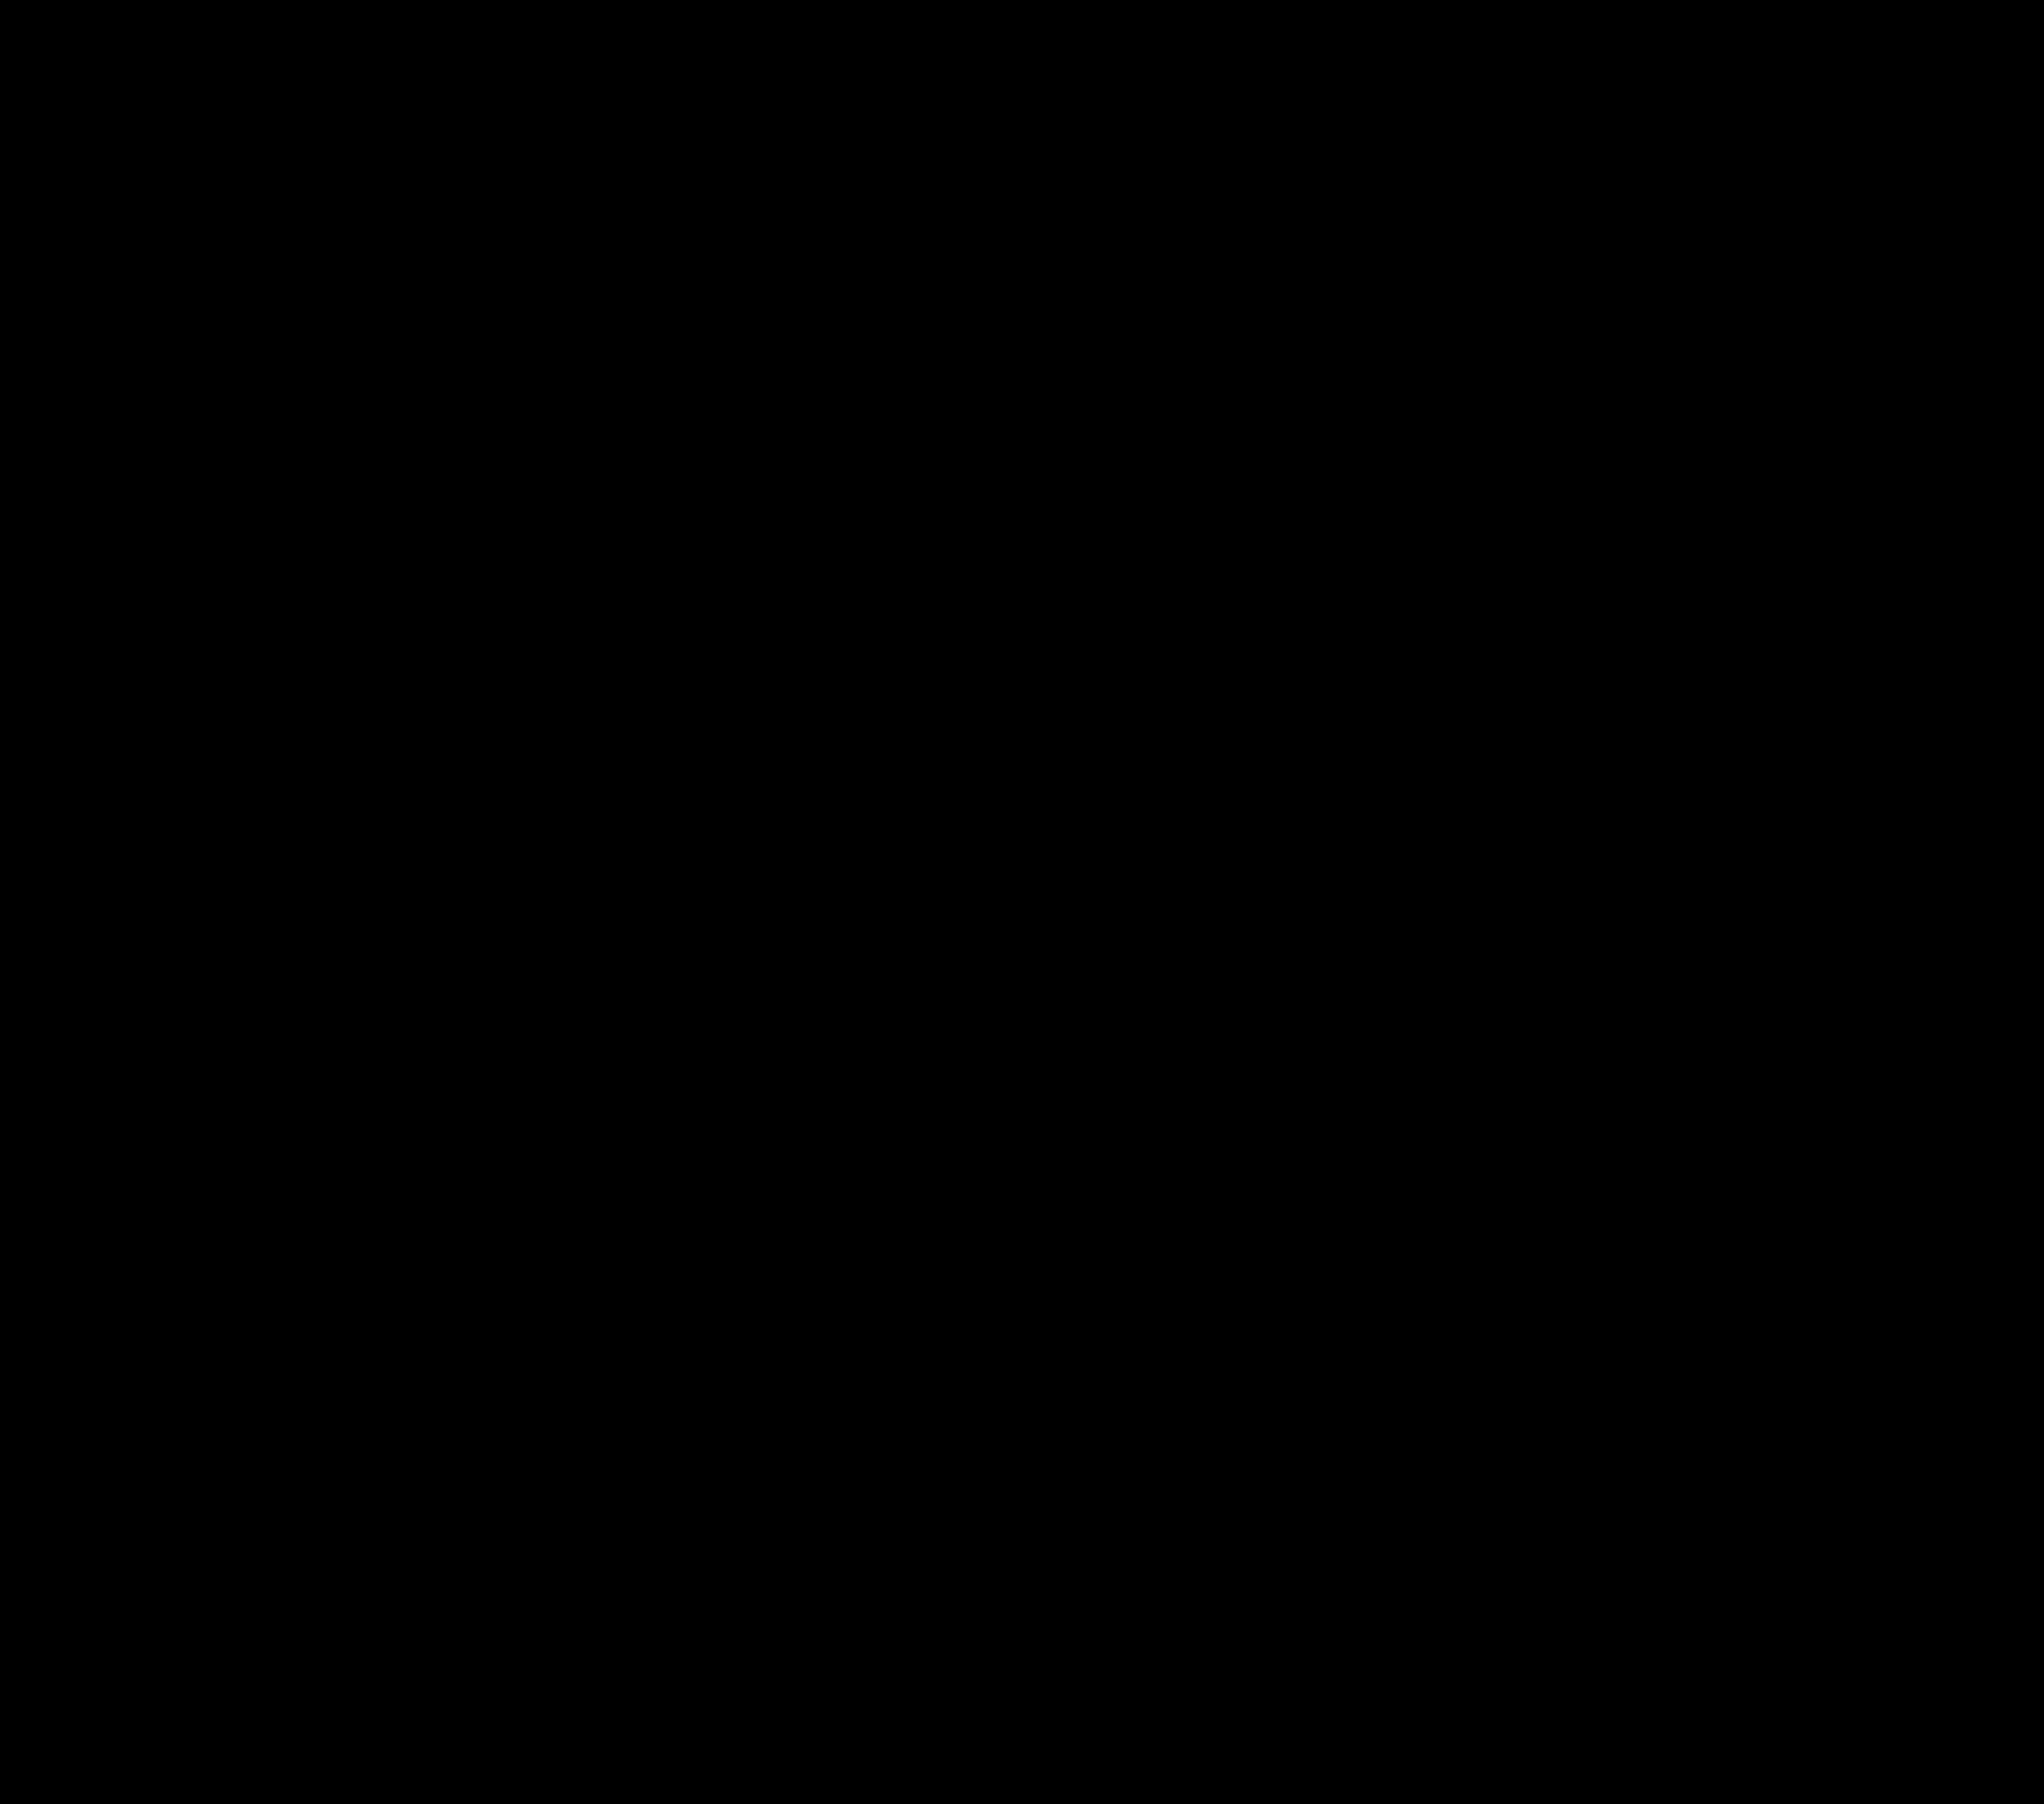 Clipart Letter O Or Zero